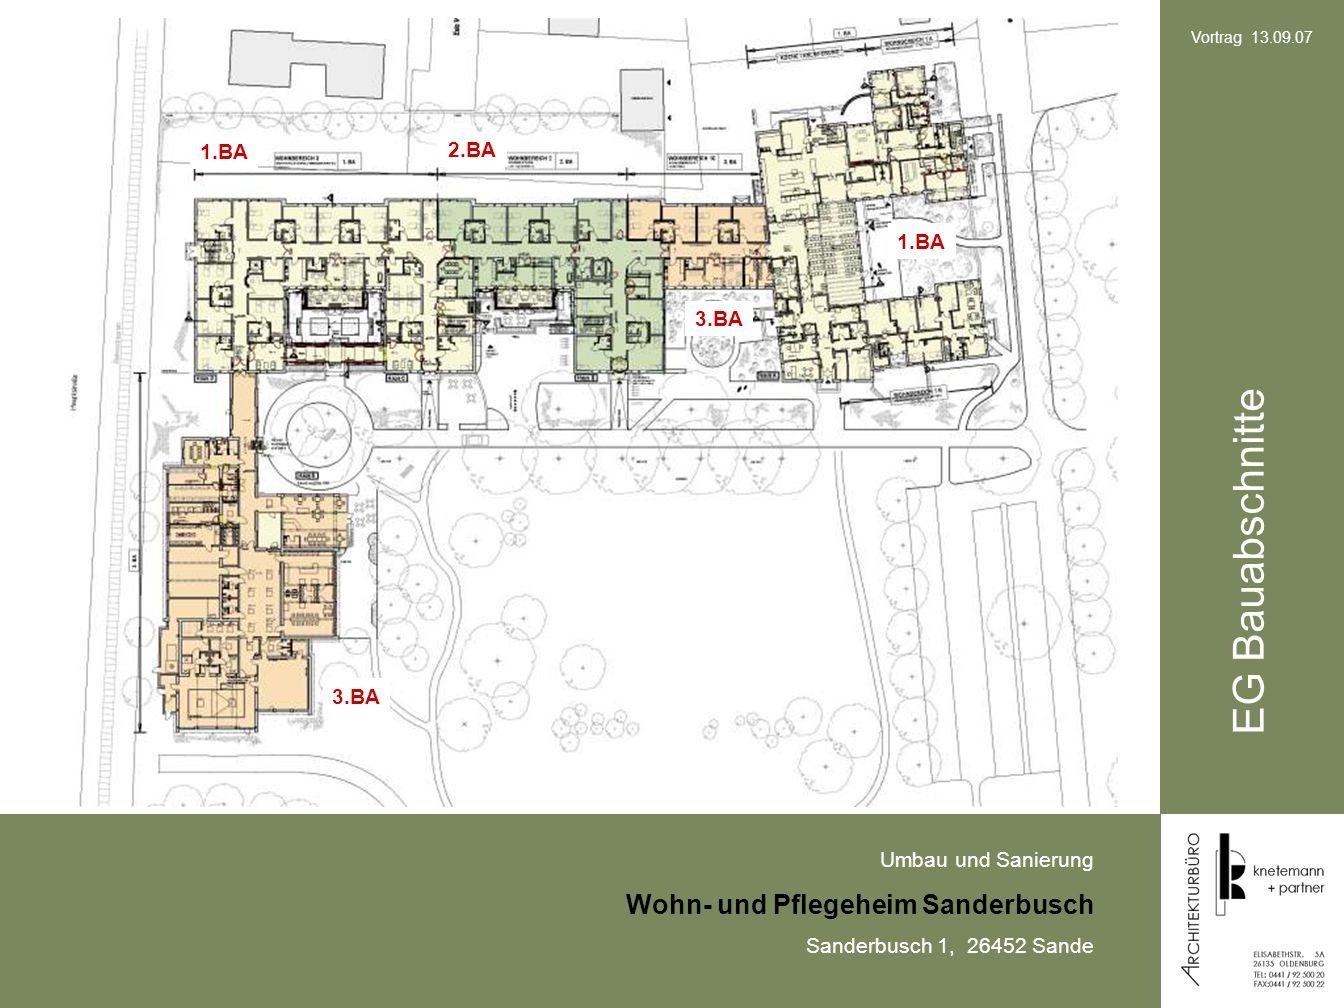 Umbau und Sanierung Wohn- und Pflegeheim Sanderbusch Sanderbusch 1, 26452 Sande Vortrag 13.09.07 EG Bauabschnitte 1.BA 3.BA 2.BA 1.BA